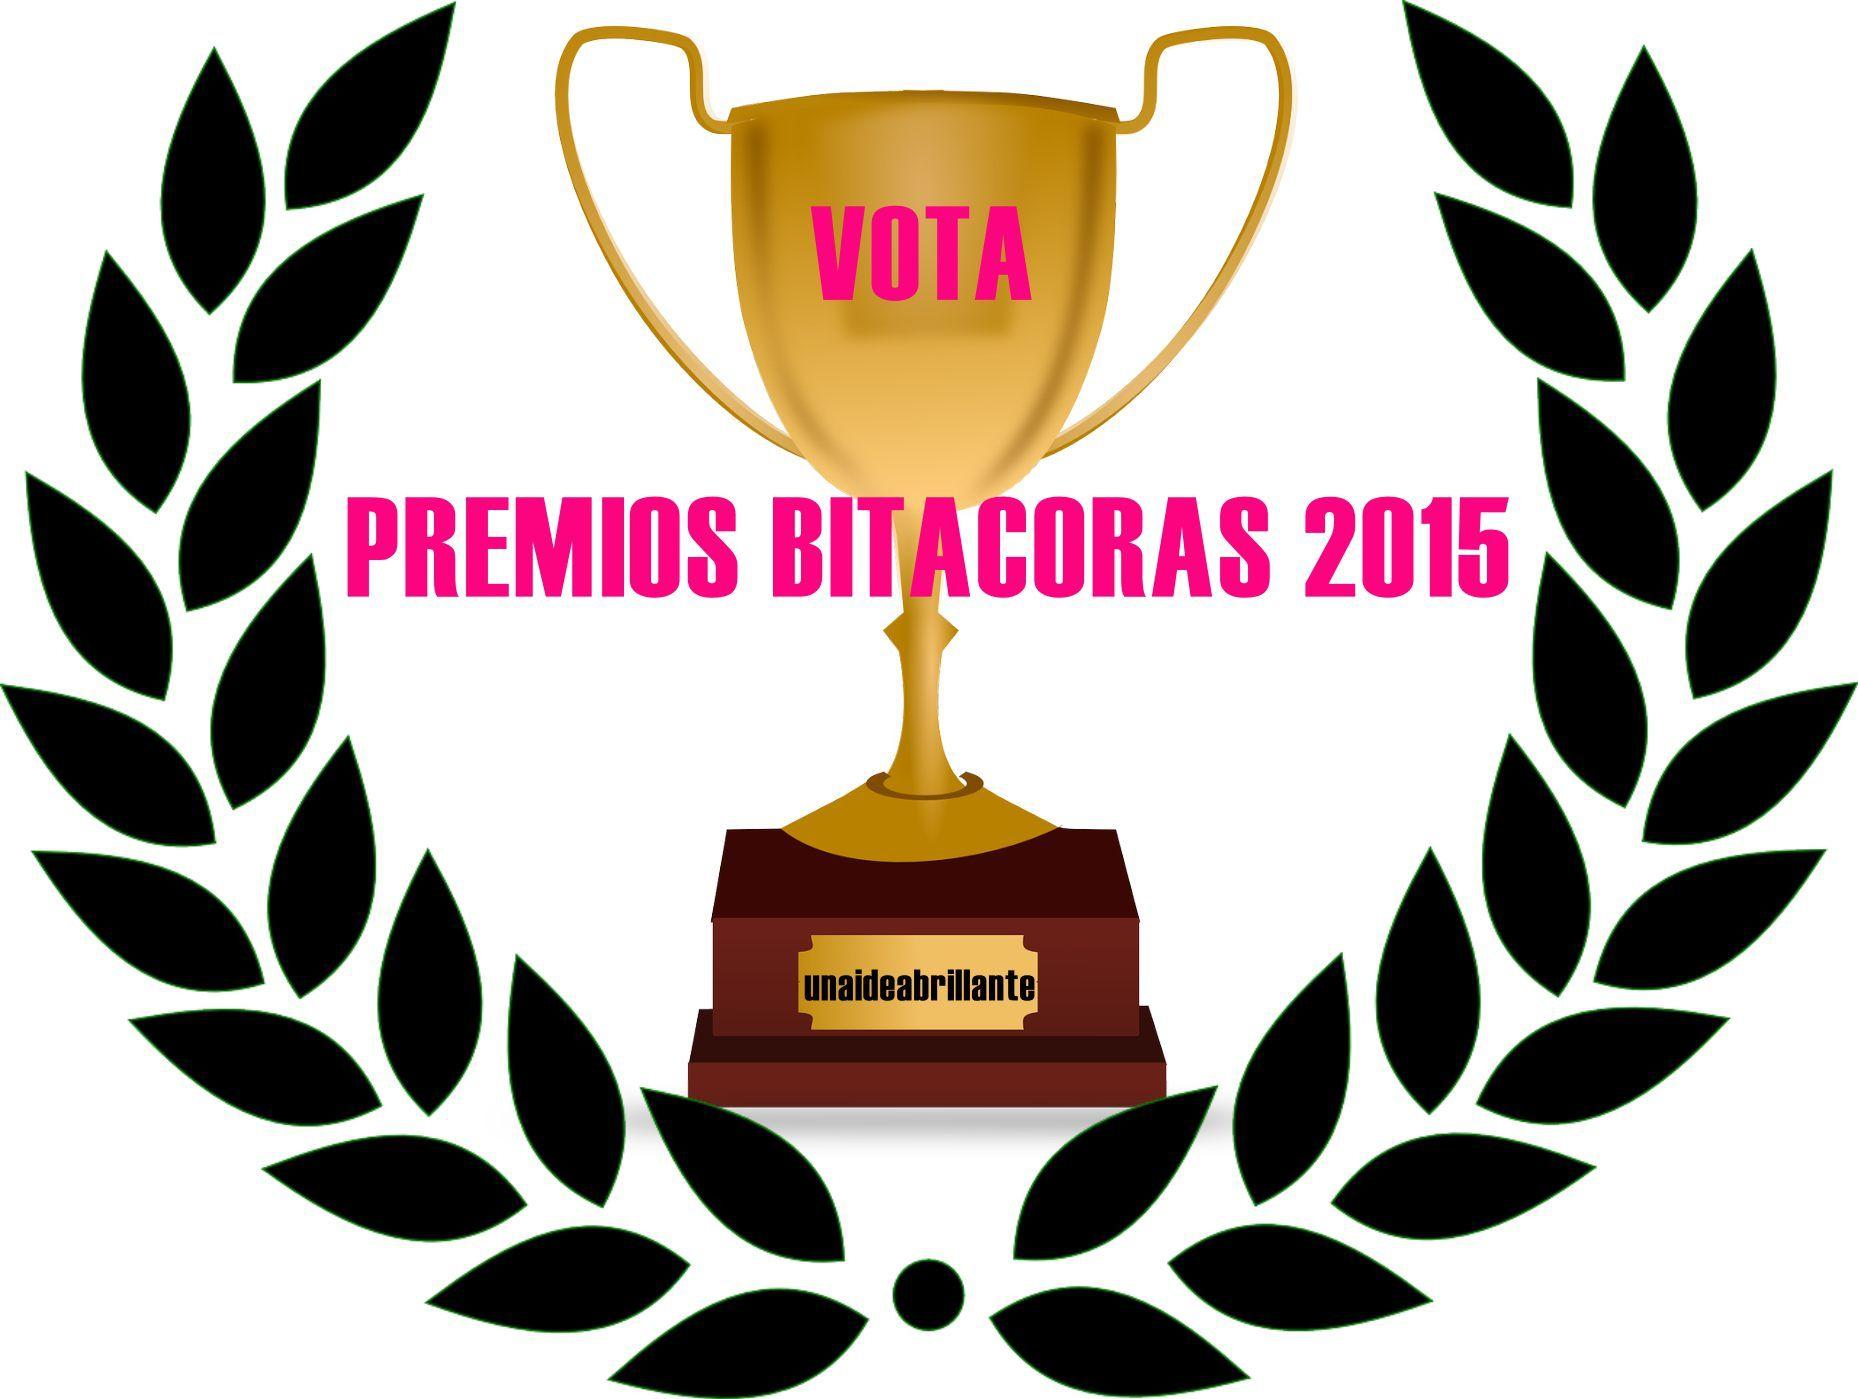 premios bitacoras 2015 unaideabrillante